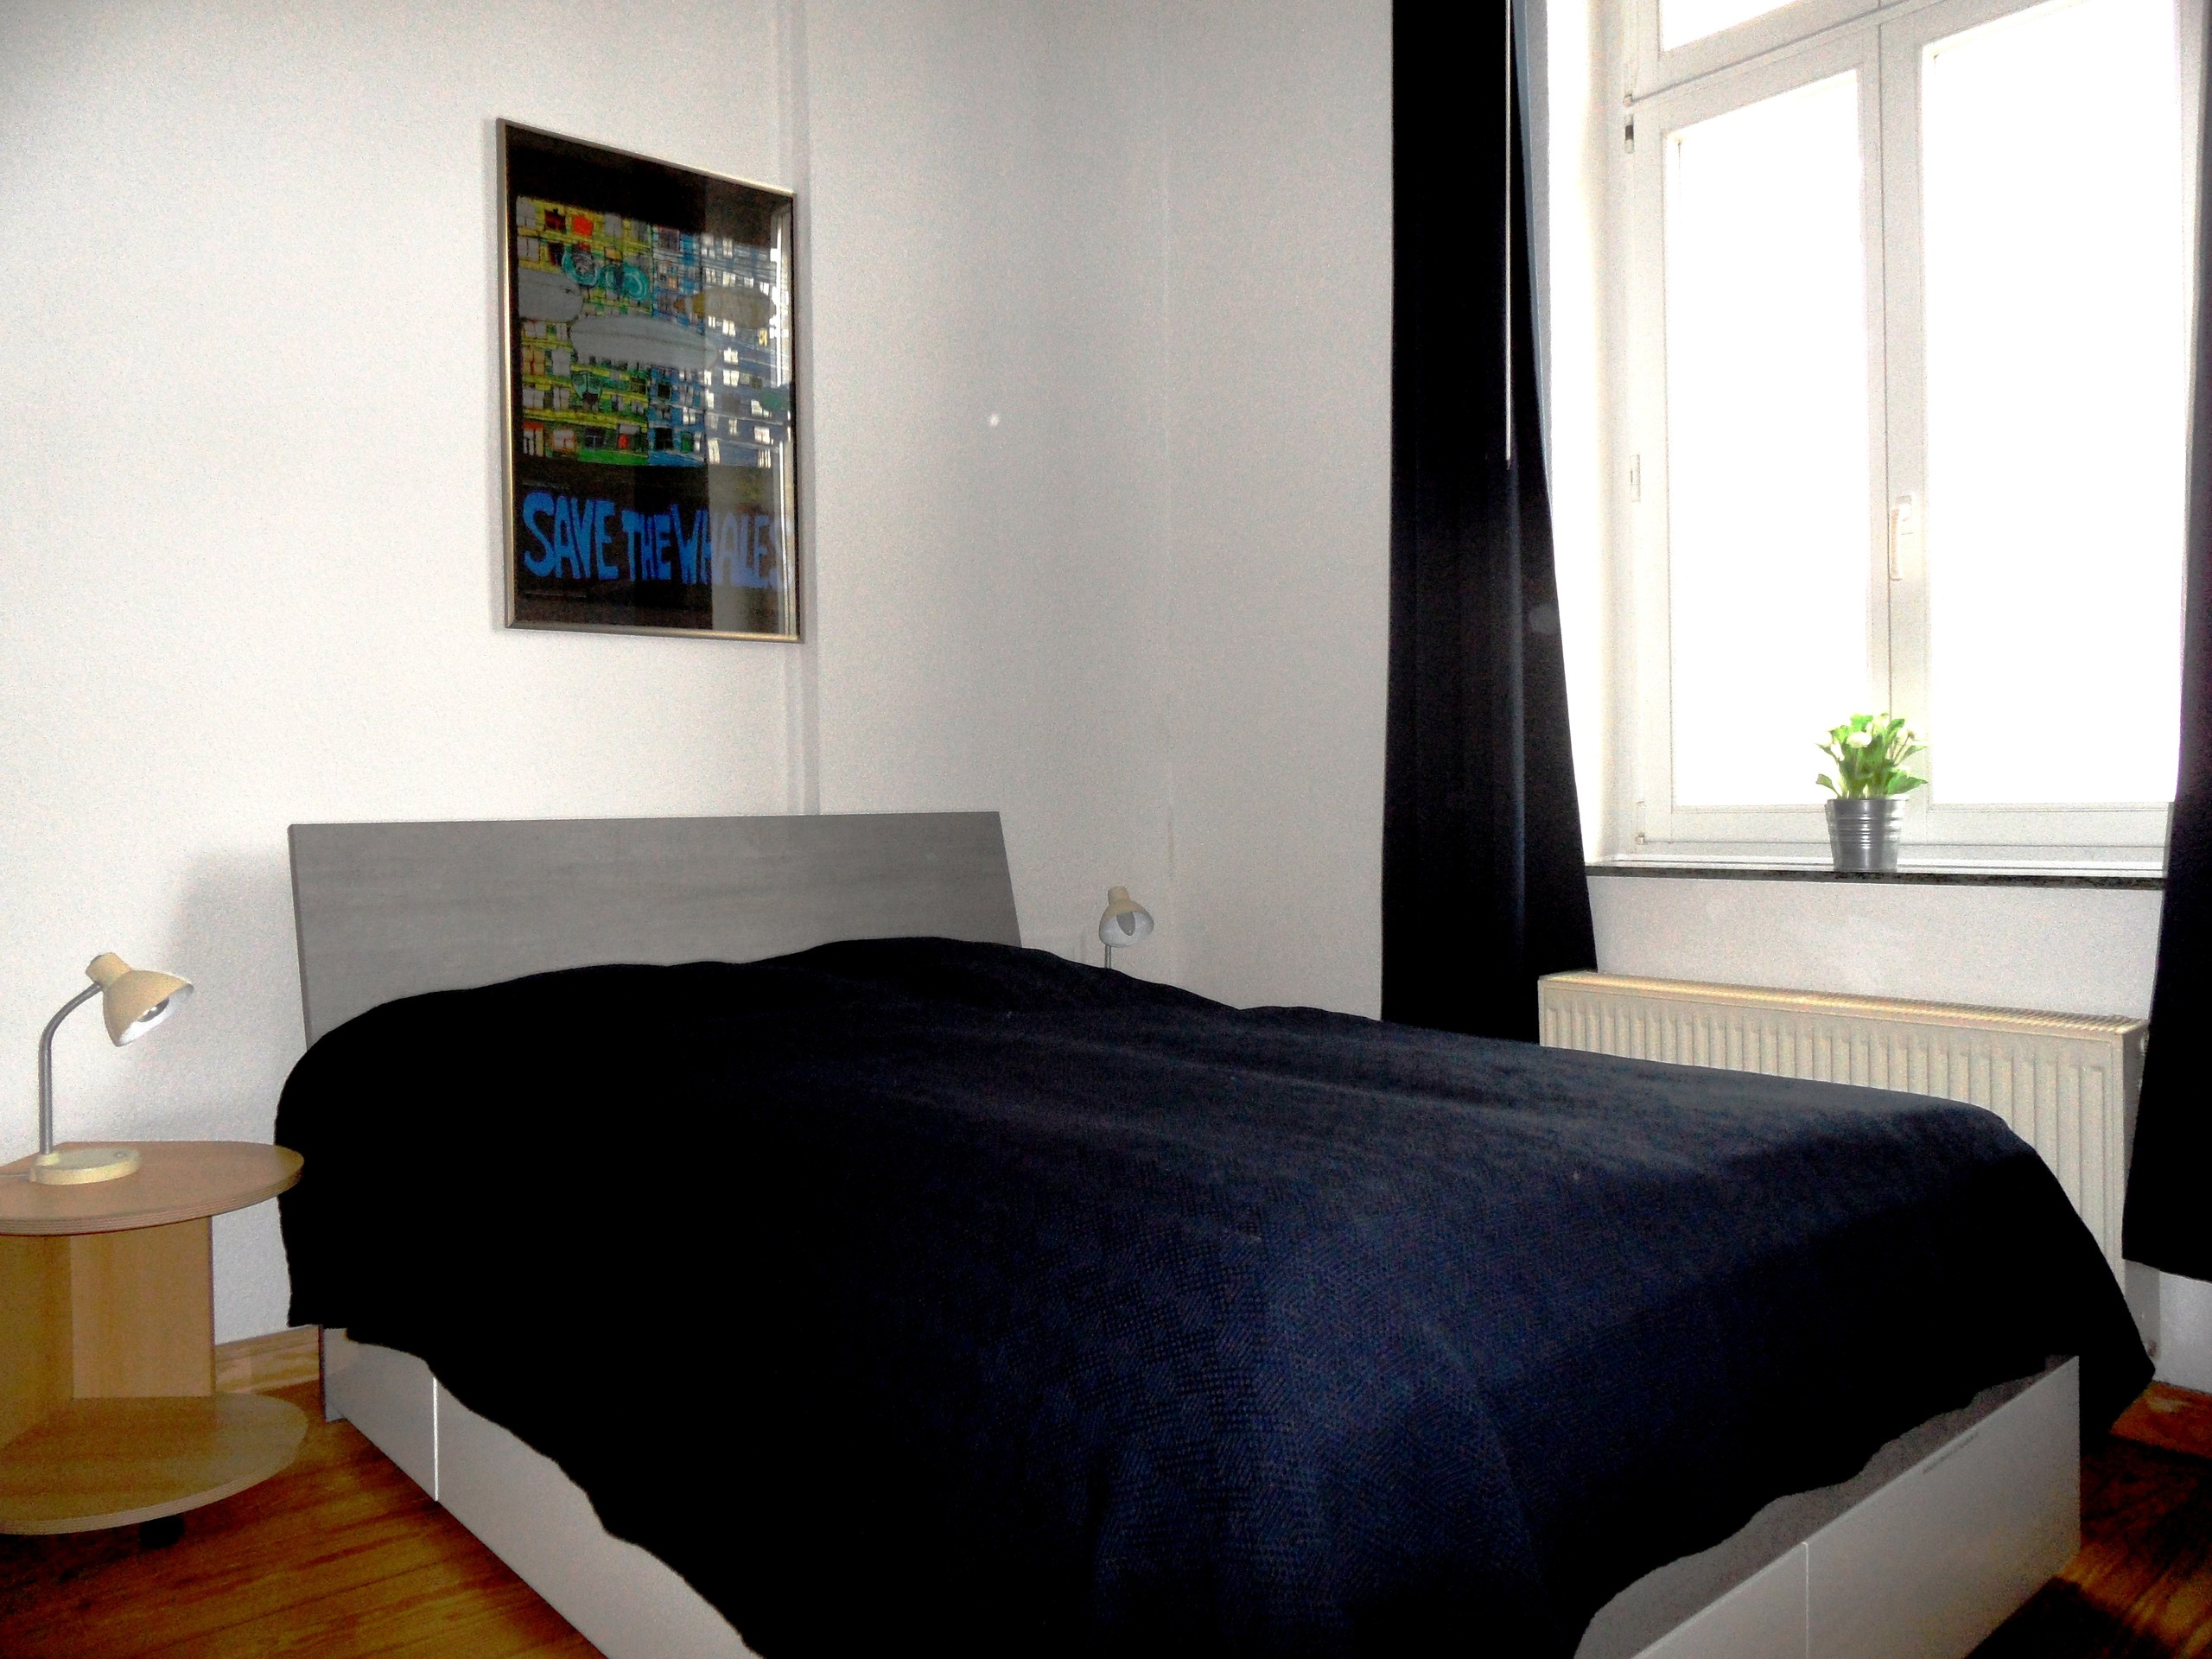 Bett (Maße: 140 x 200 cm)